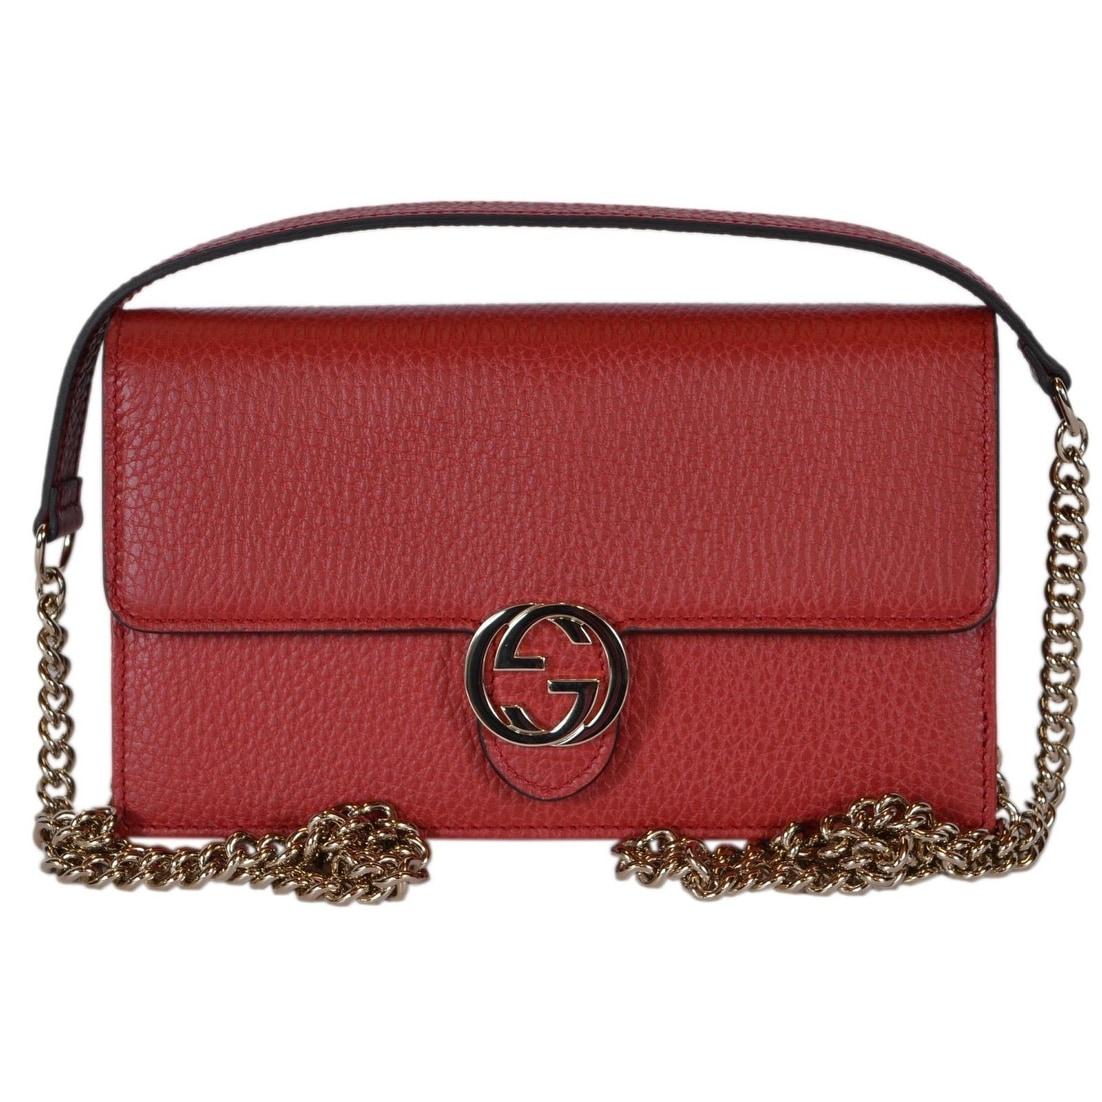 6db7f18f0 Gucci 510314 Red Leather Interlocking GG Crossbody Wallet Bag Purse Clutch  - 7.5